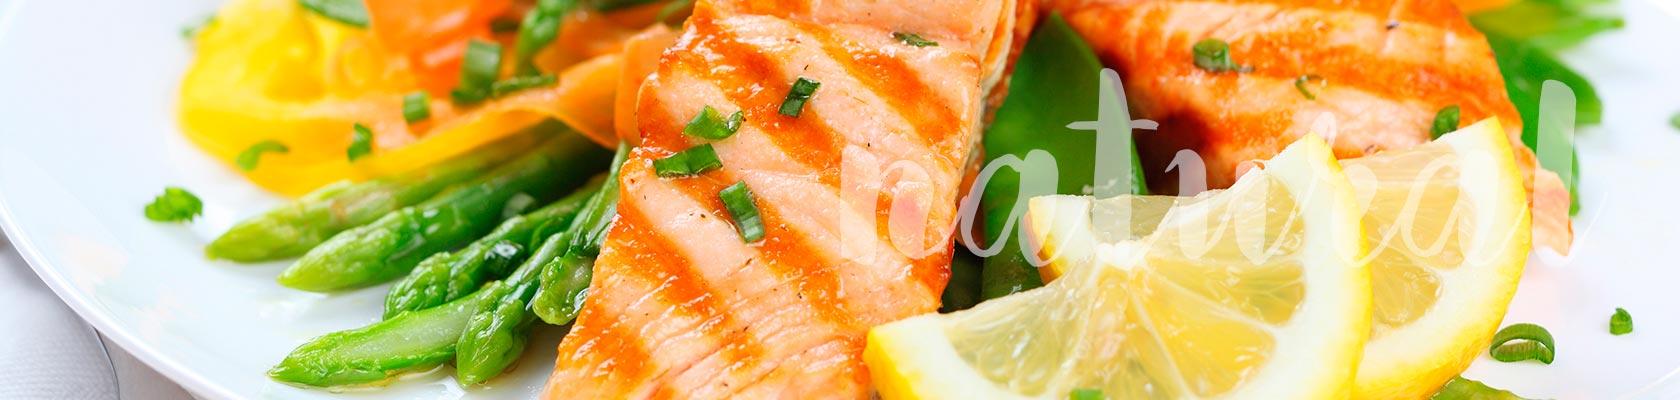 FitSalud_internas_1680x400_recetas